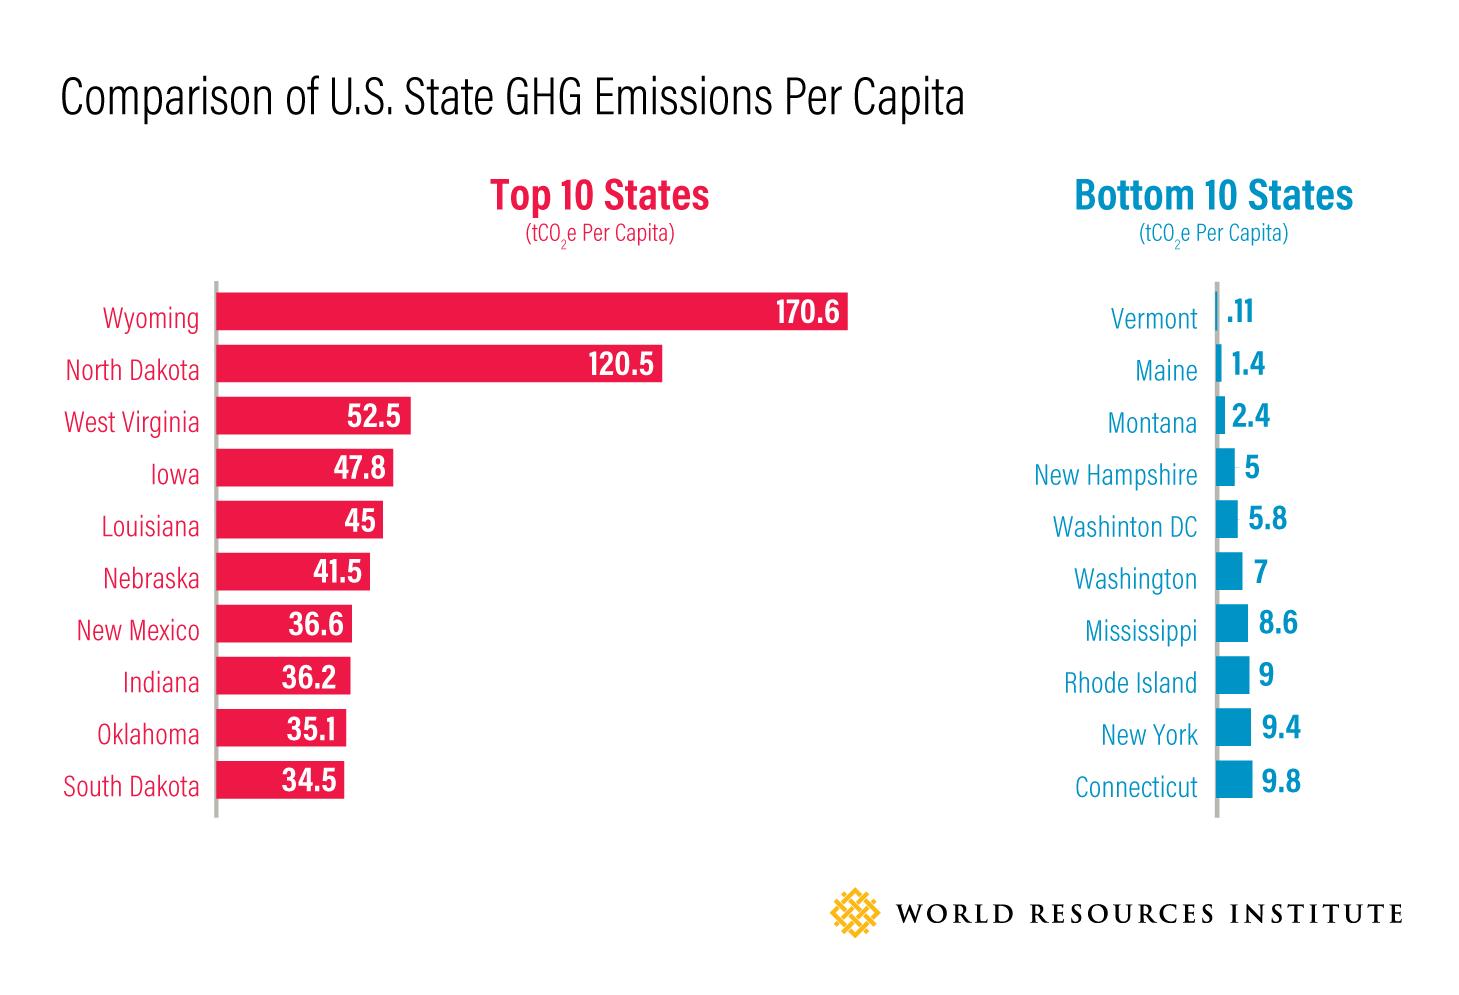 Comparison of U.S. State GHG Emissions Per Capita